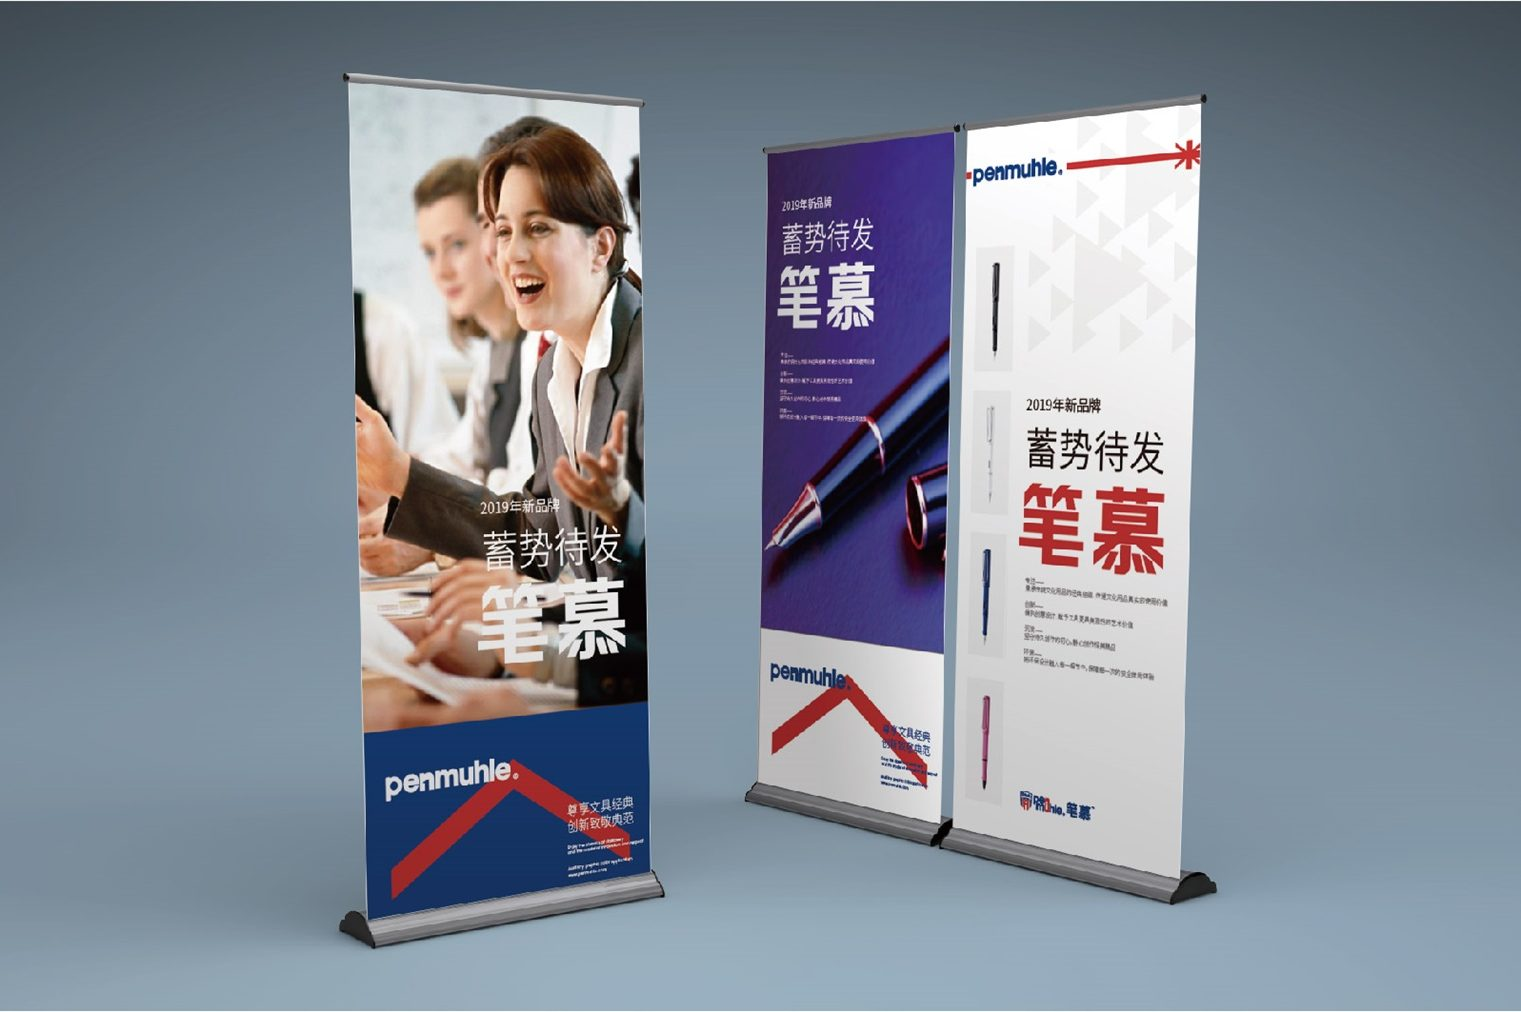 广州品牌策划公司可以帮助企业进行新品推广